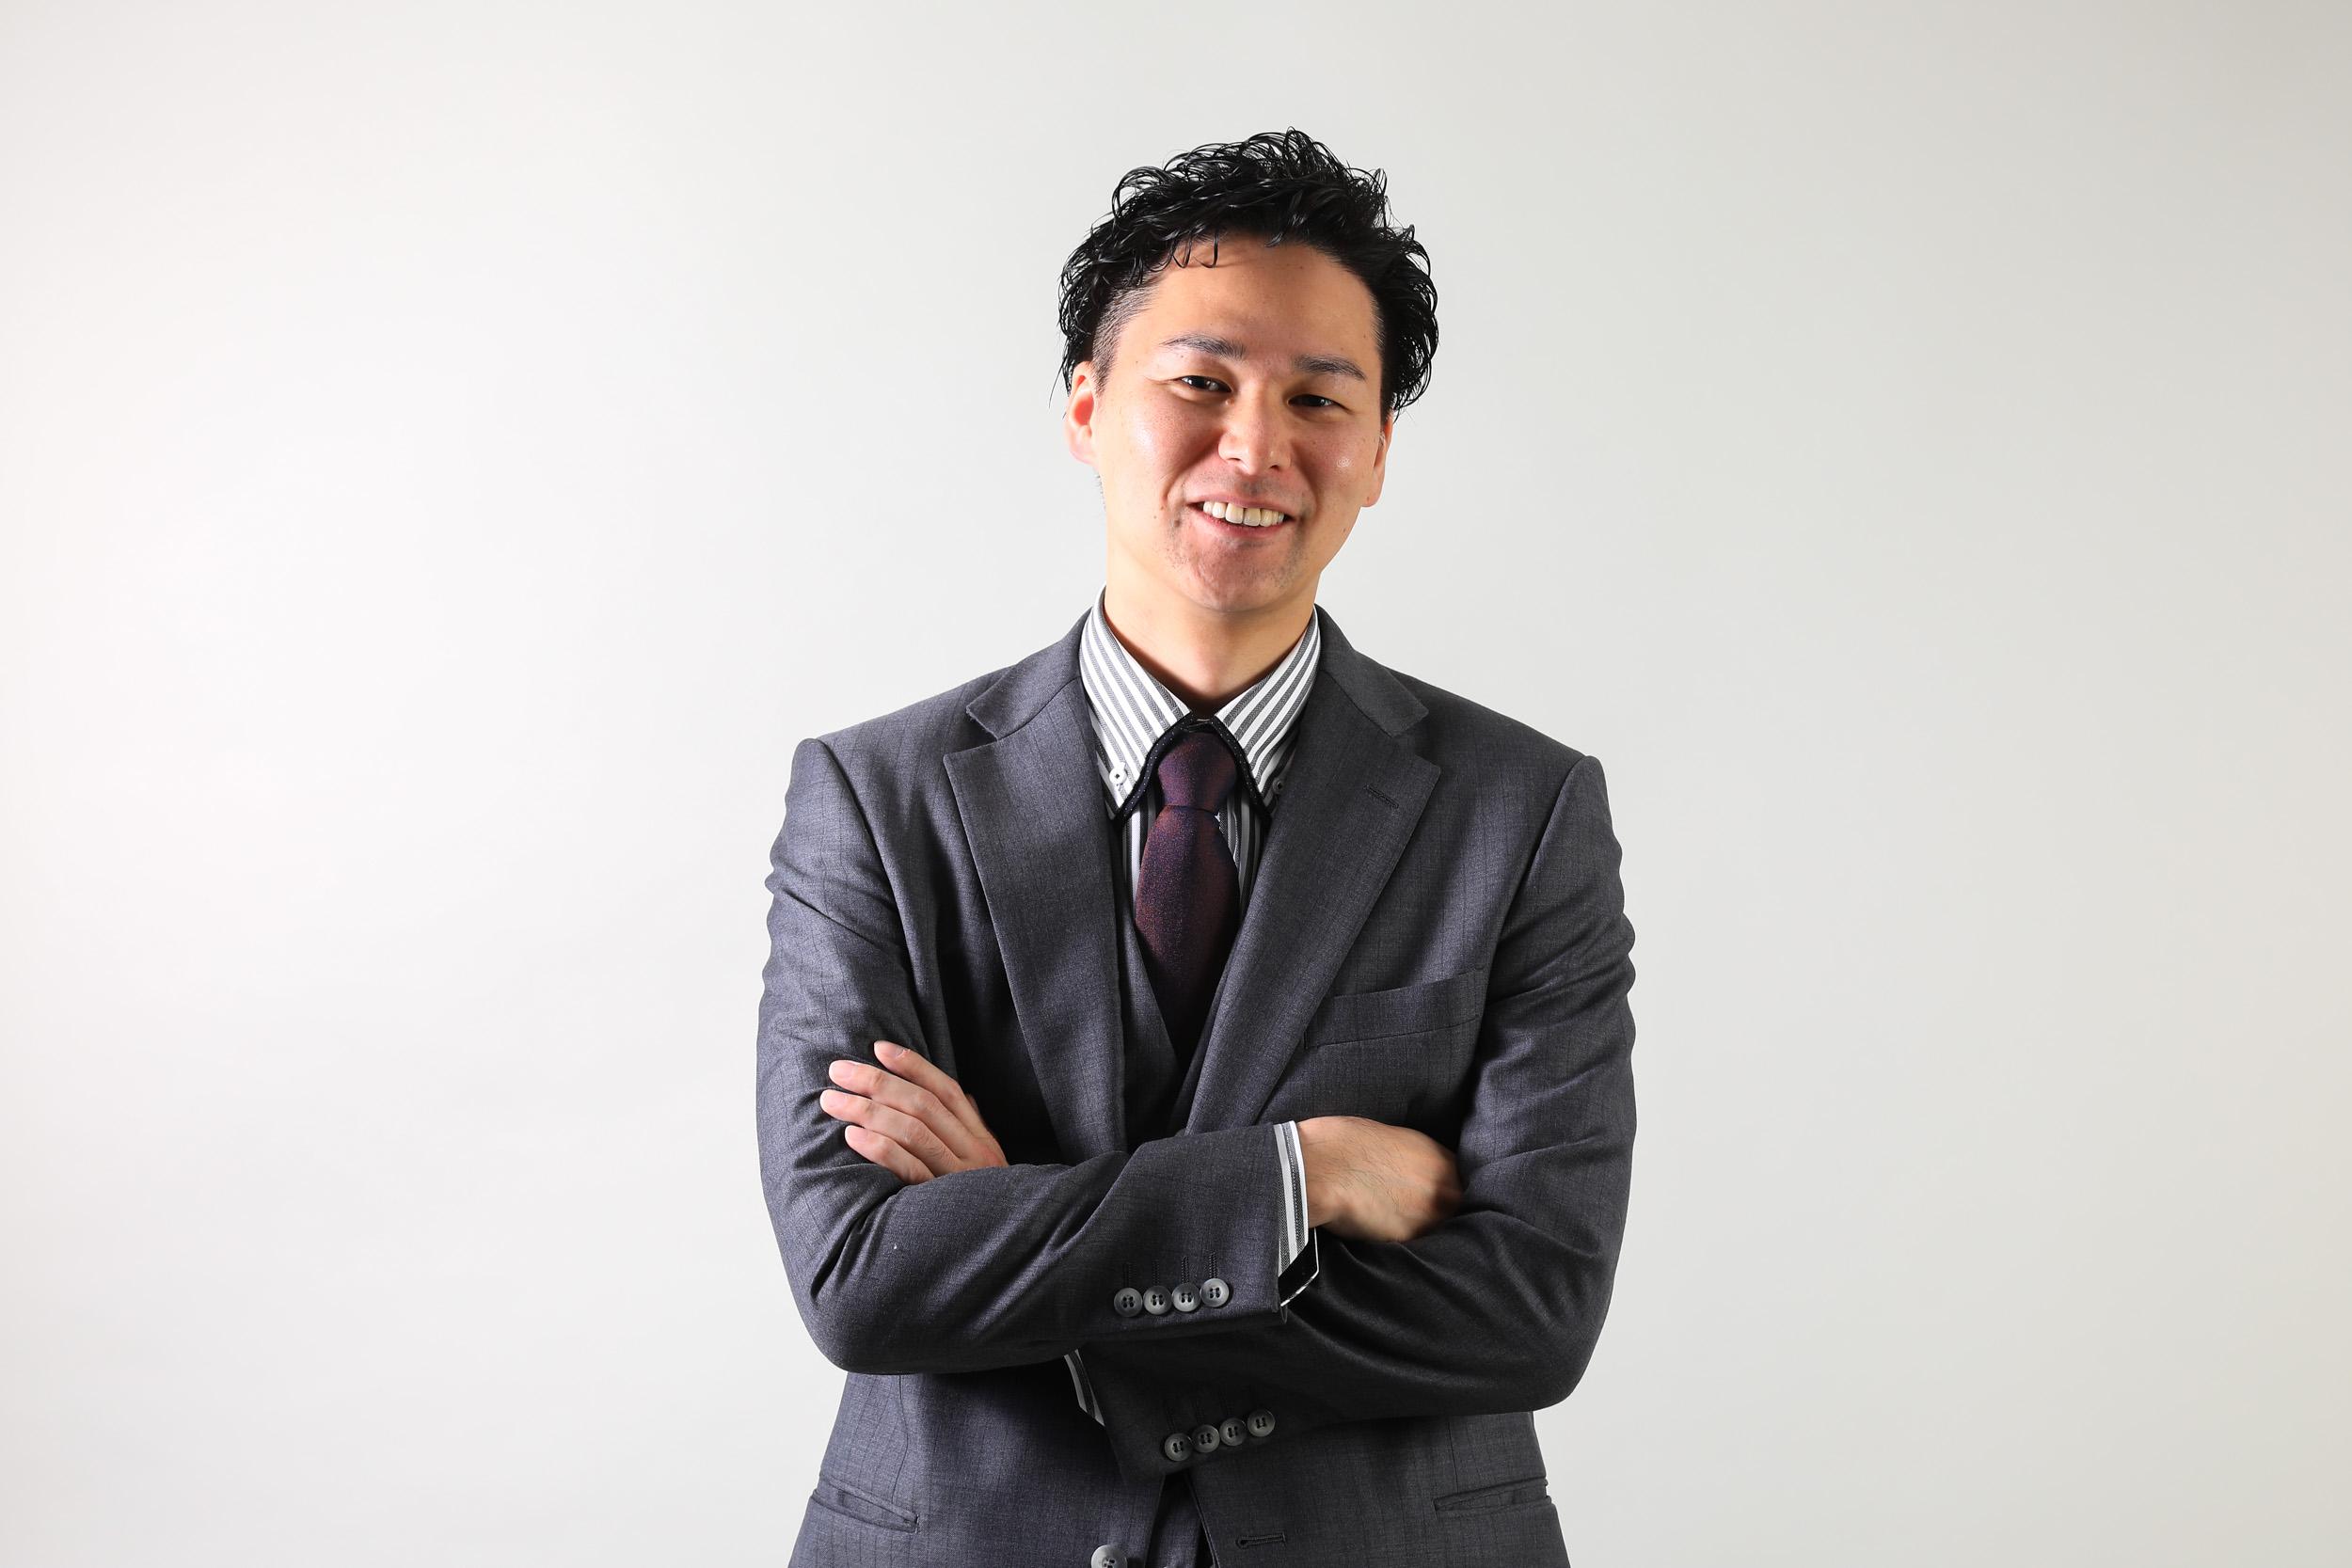 インタビュー:会計税務部M三井・自分で考え動くから面白い